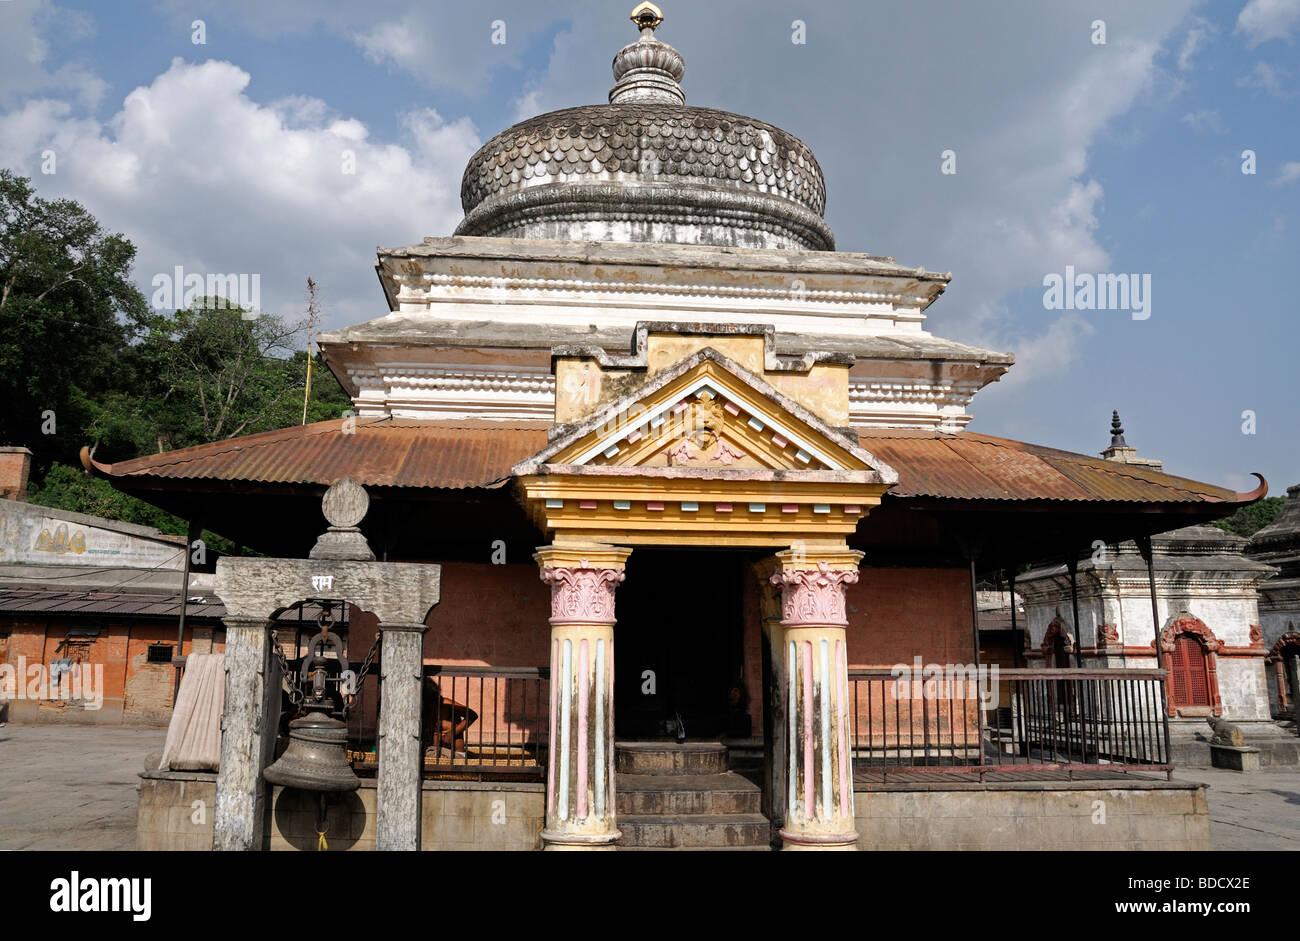 pashupatinath temple free - photo #3